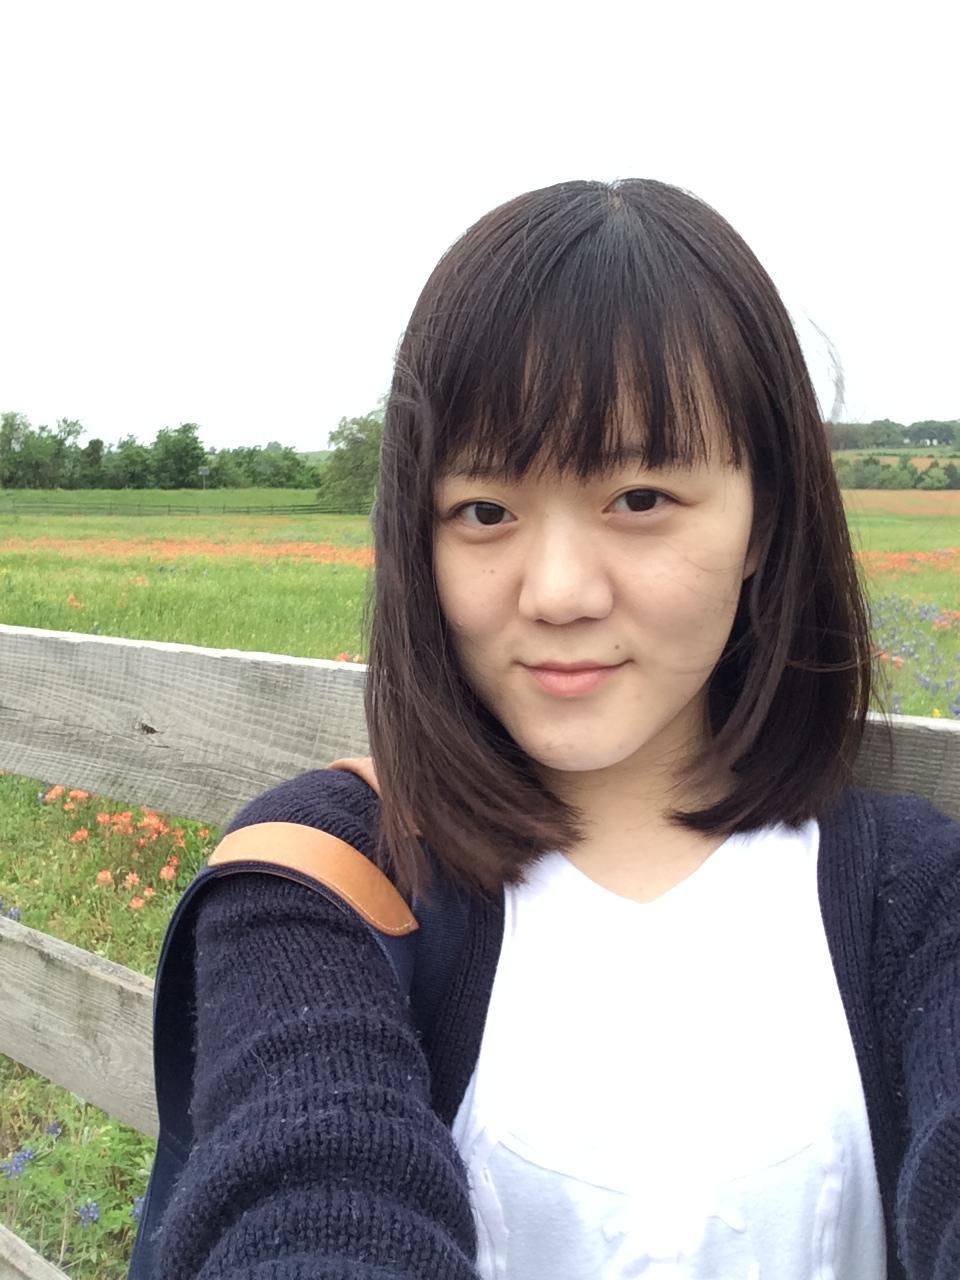 Xinyi Q.